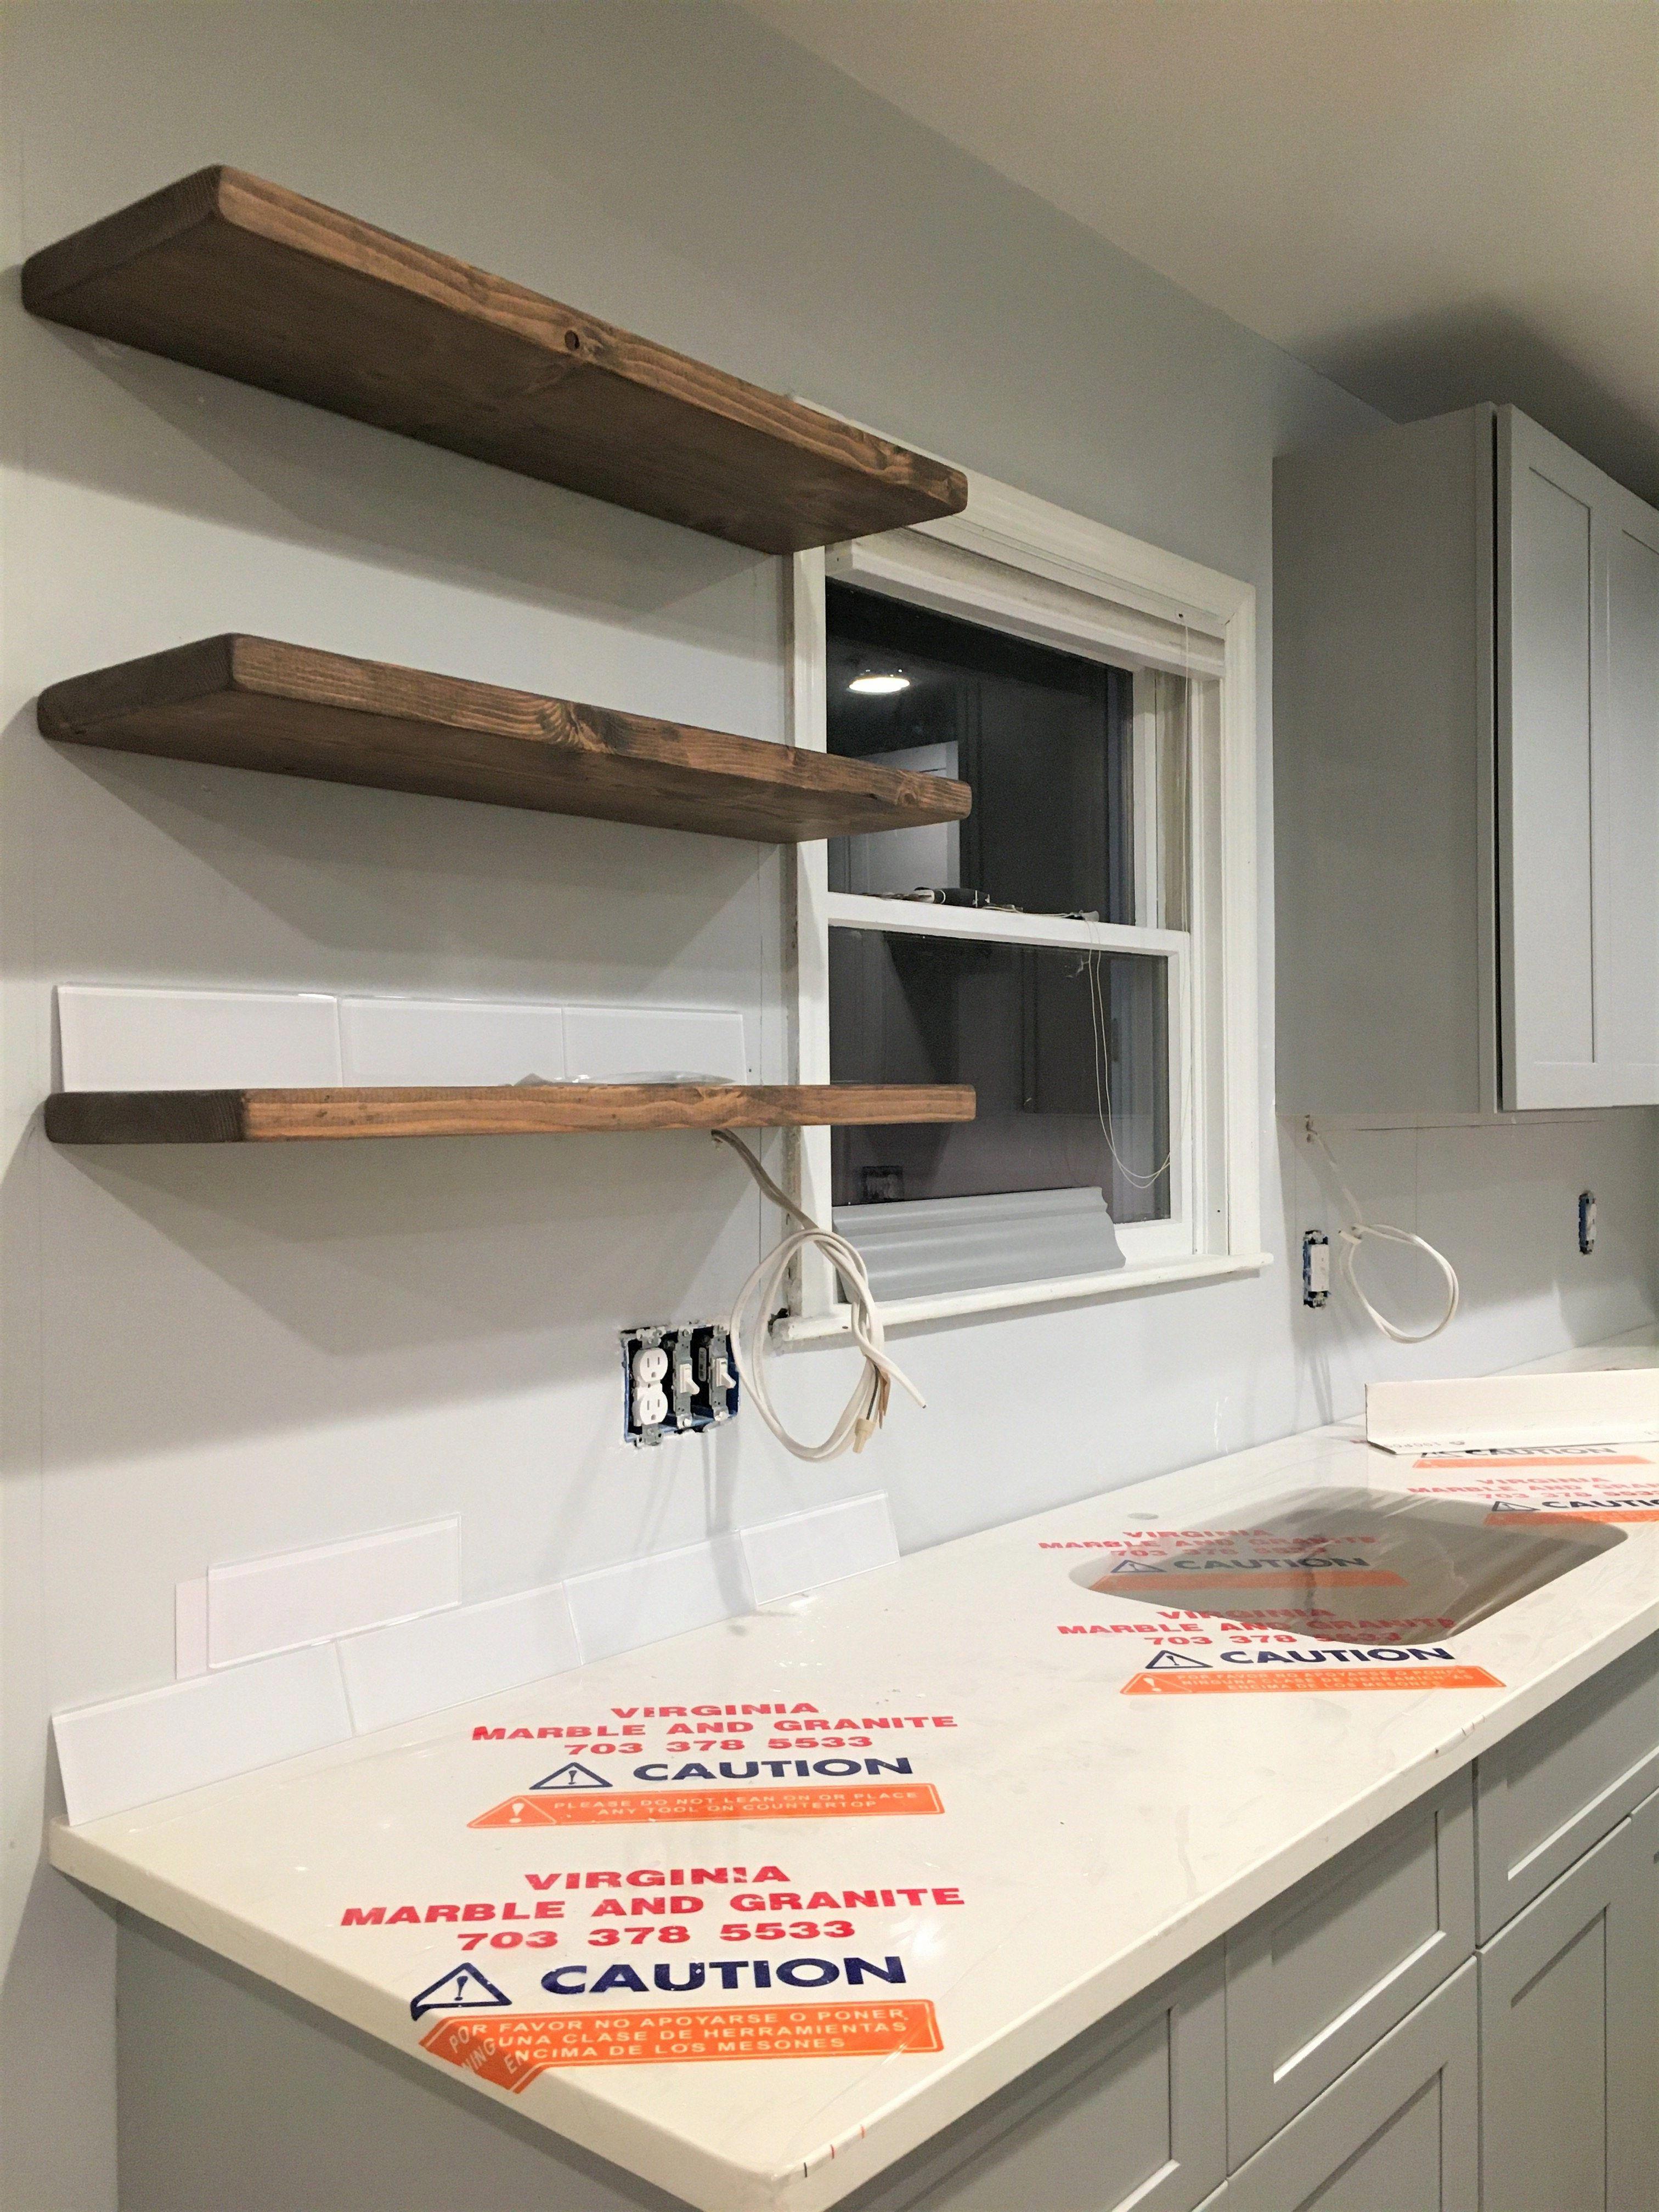 Kitchenshelves In 2020 Floating Shelves Diy Floating Shelves Kitchen Farmhouse Kitchen Decor